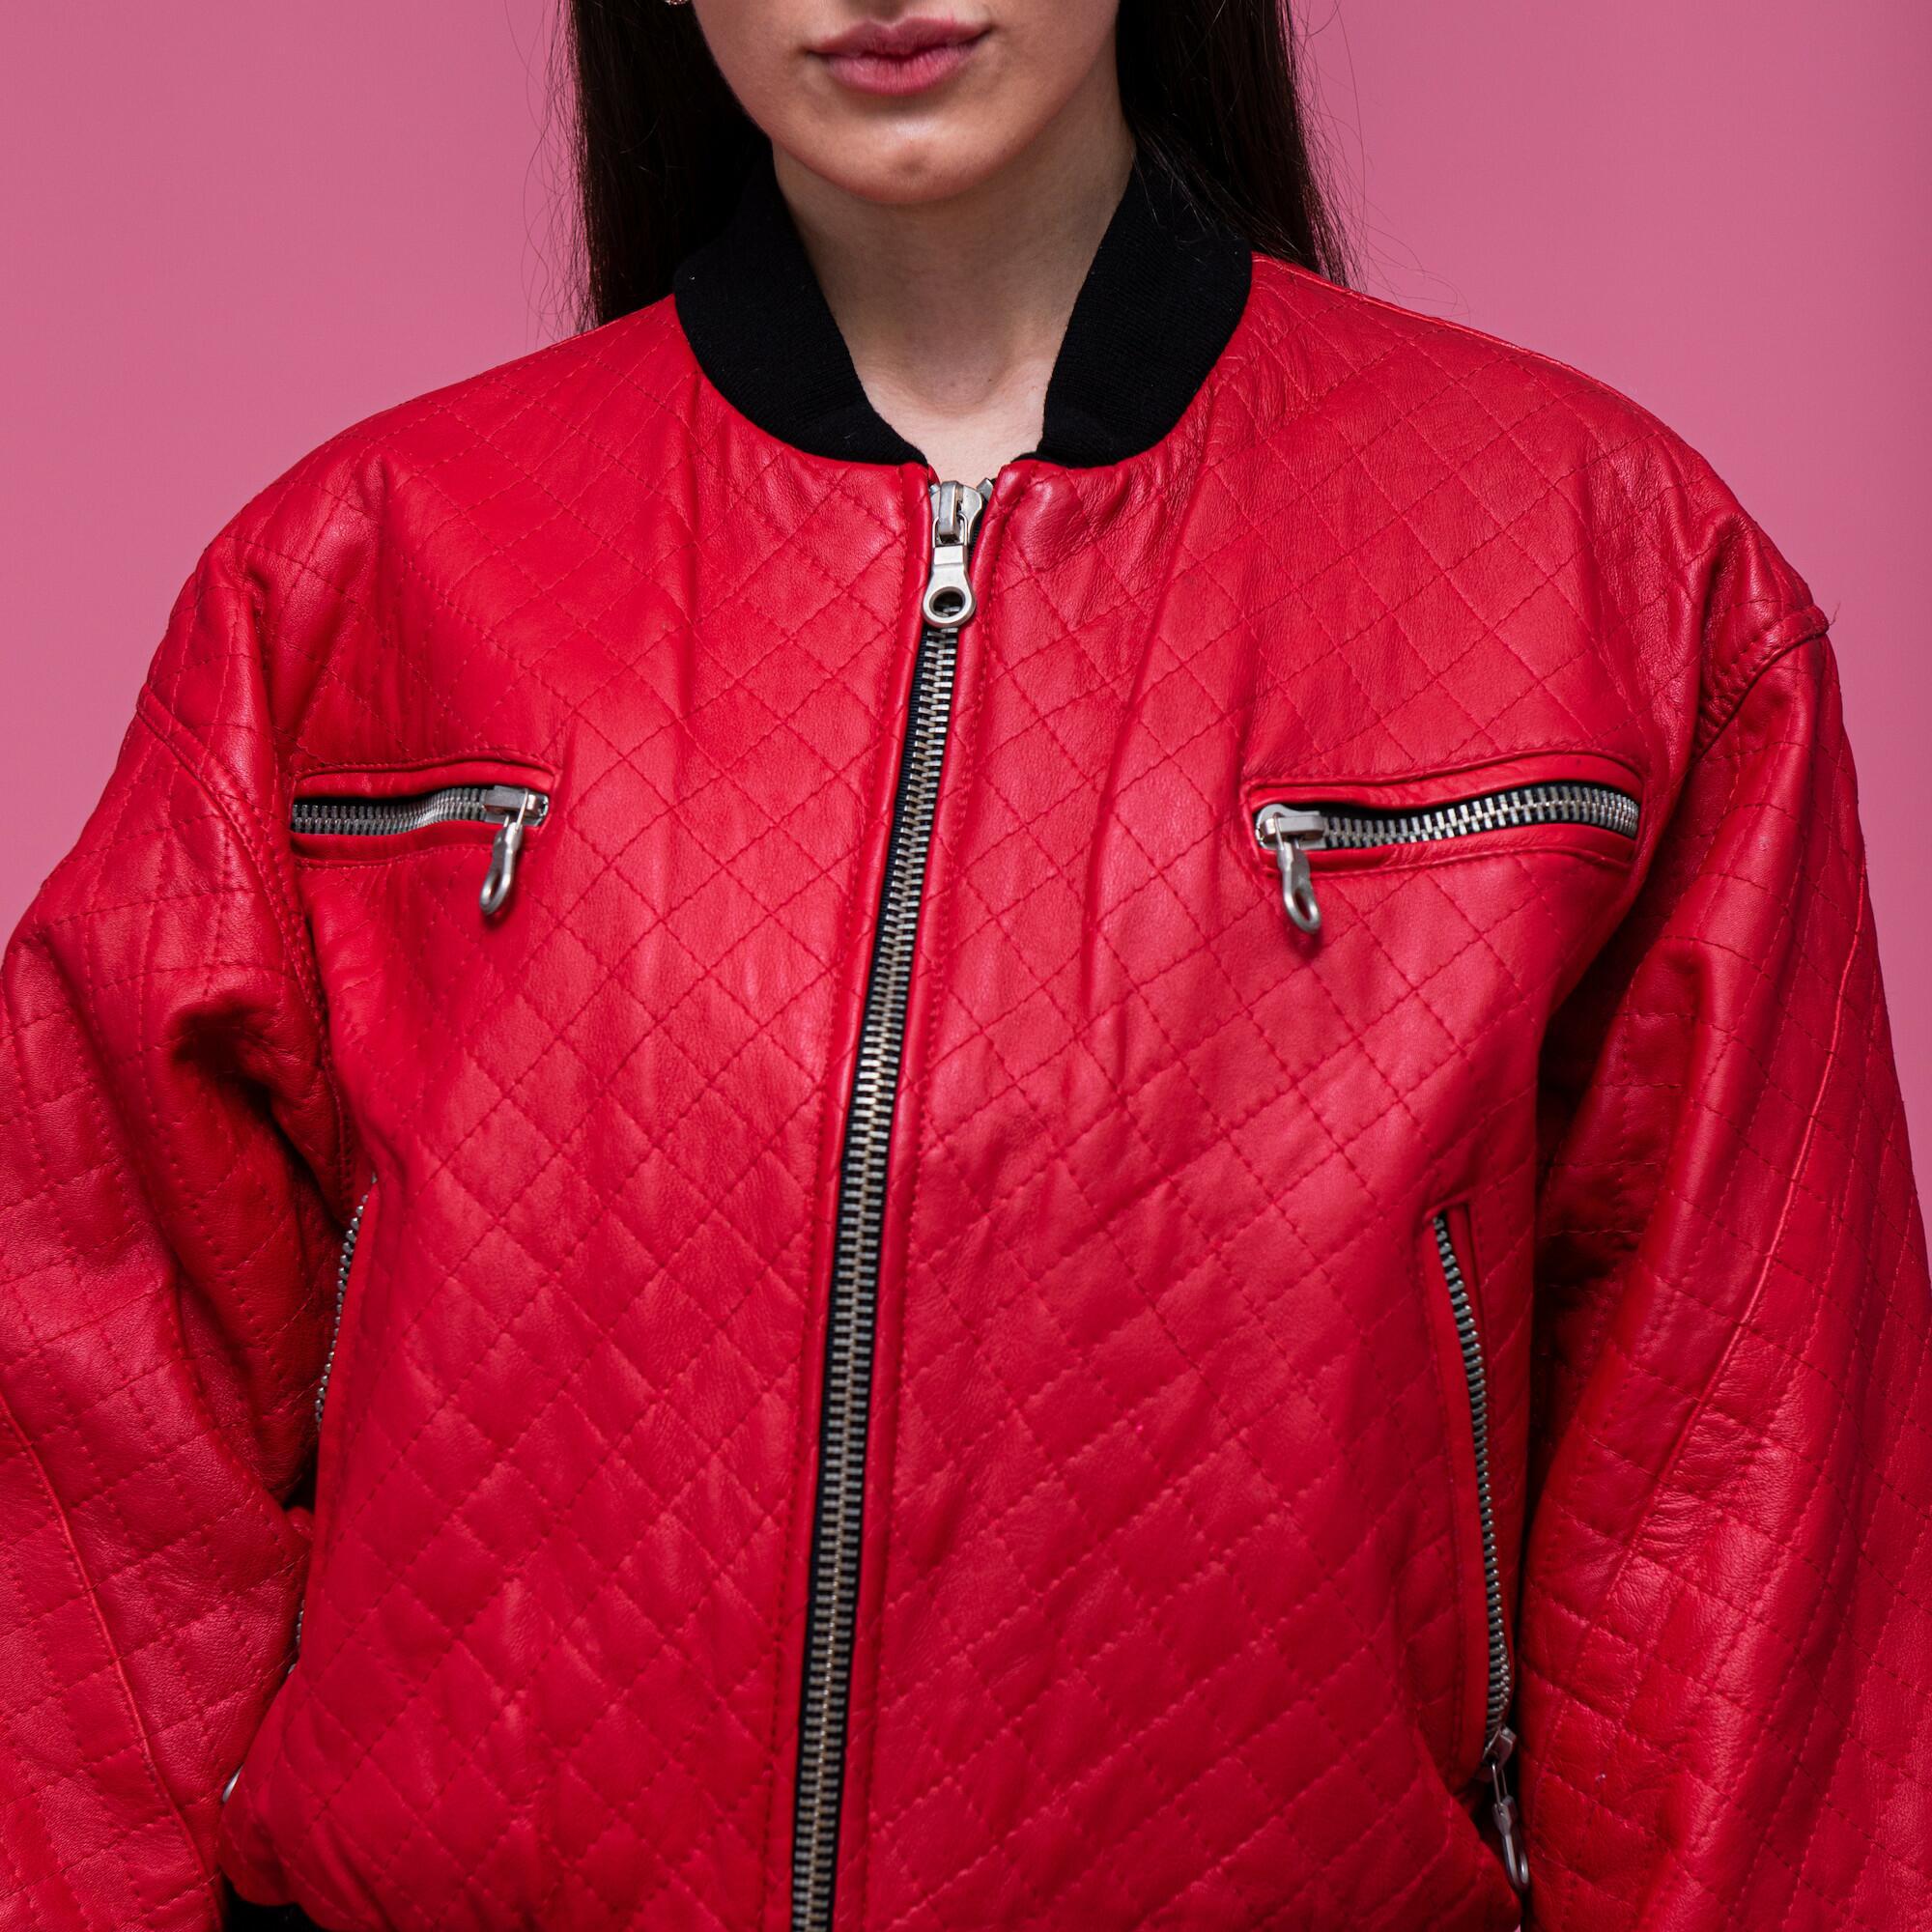 Czerwona kurtka bomber ze skóry marki NEW FAST - KEX Vintage Store | JestemSlow.pl